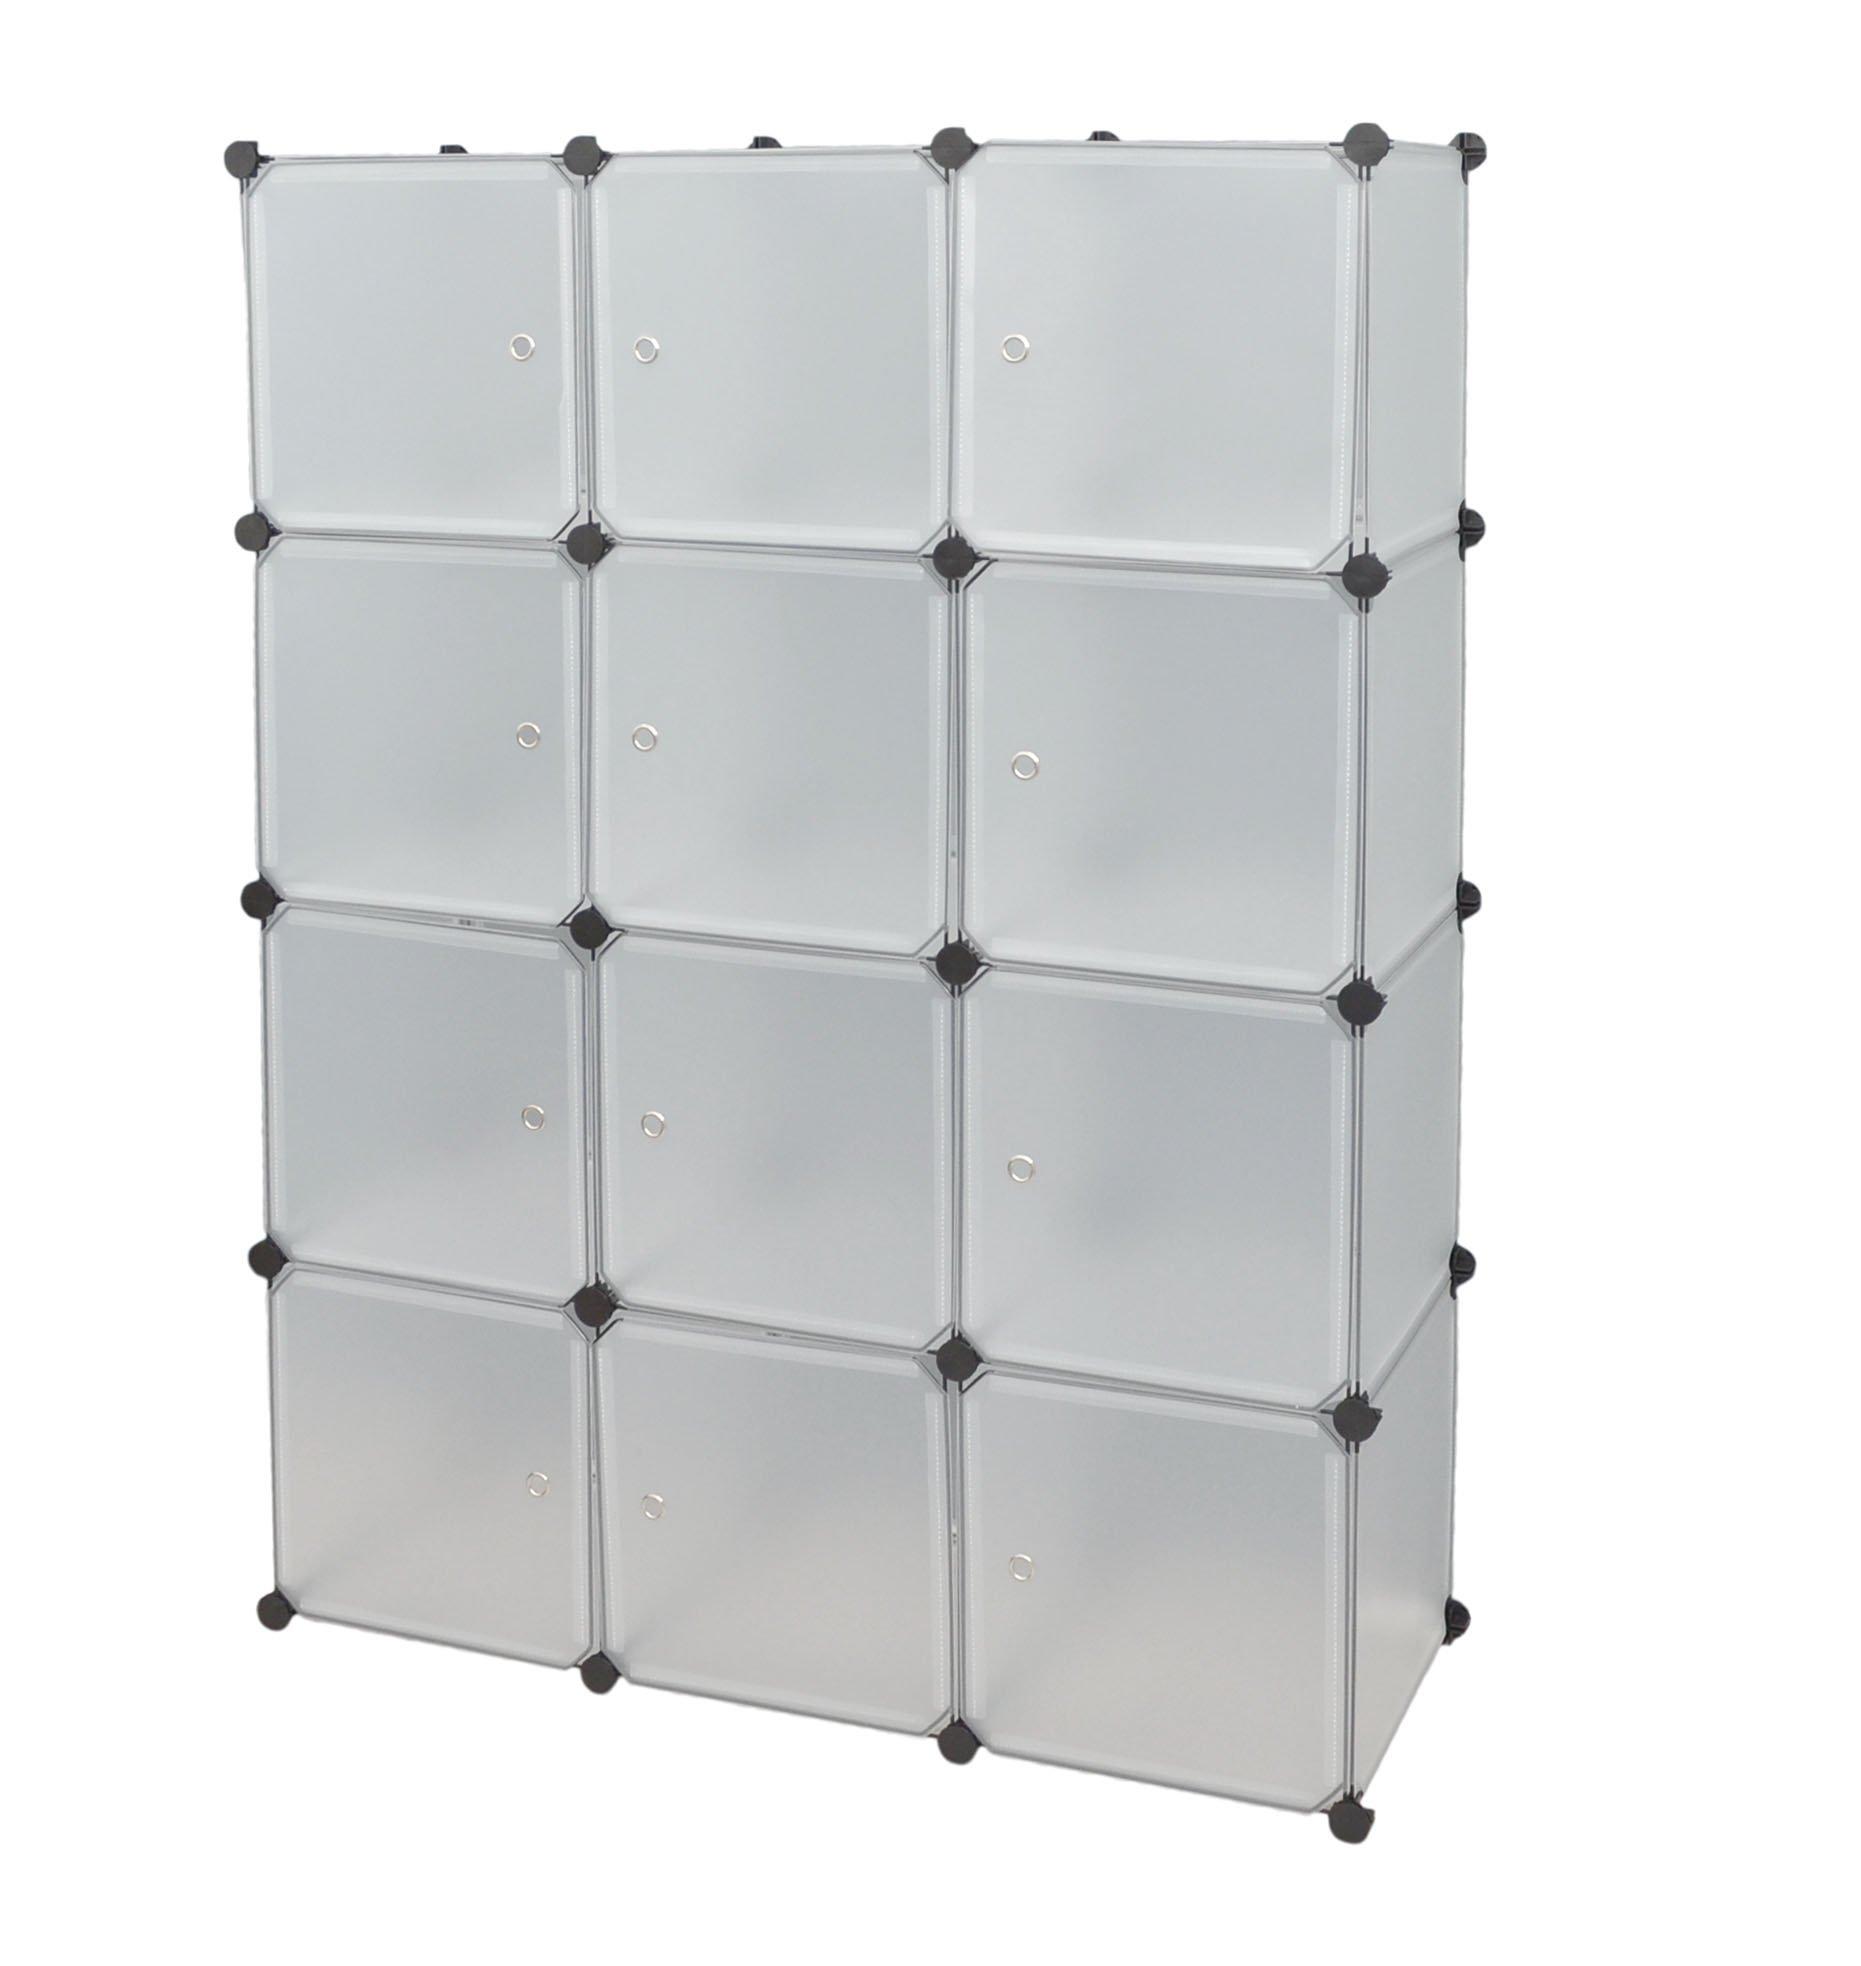 Ts ideen 5121 armadio componibile con 12 scomparti for Arredamento amazon